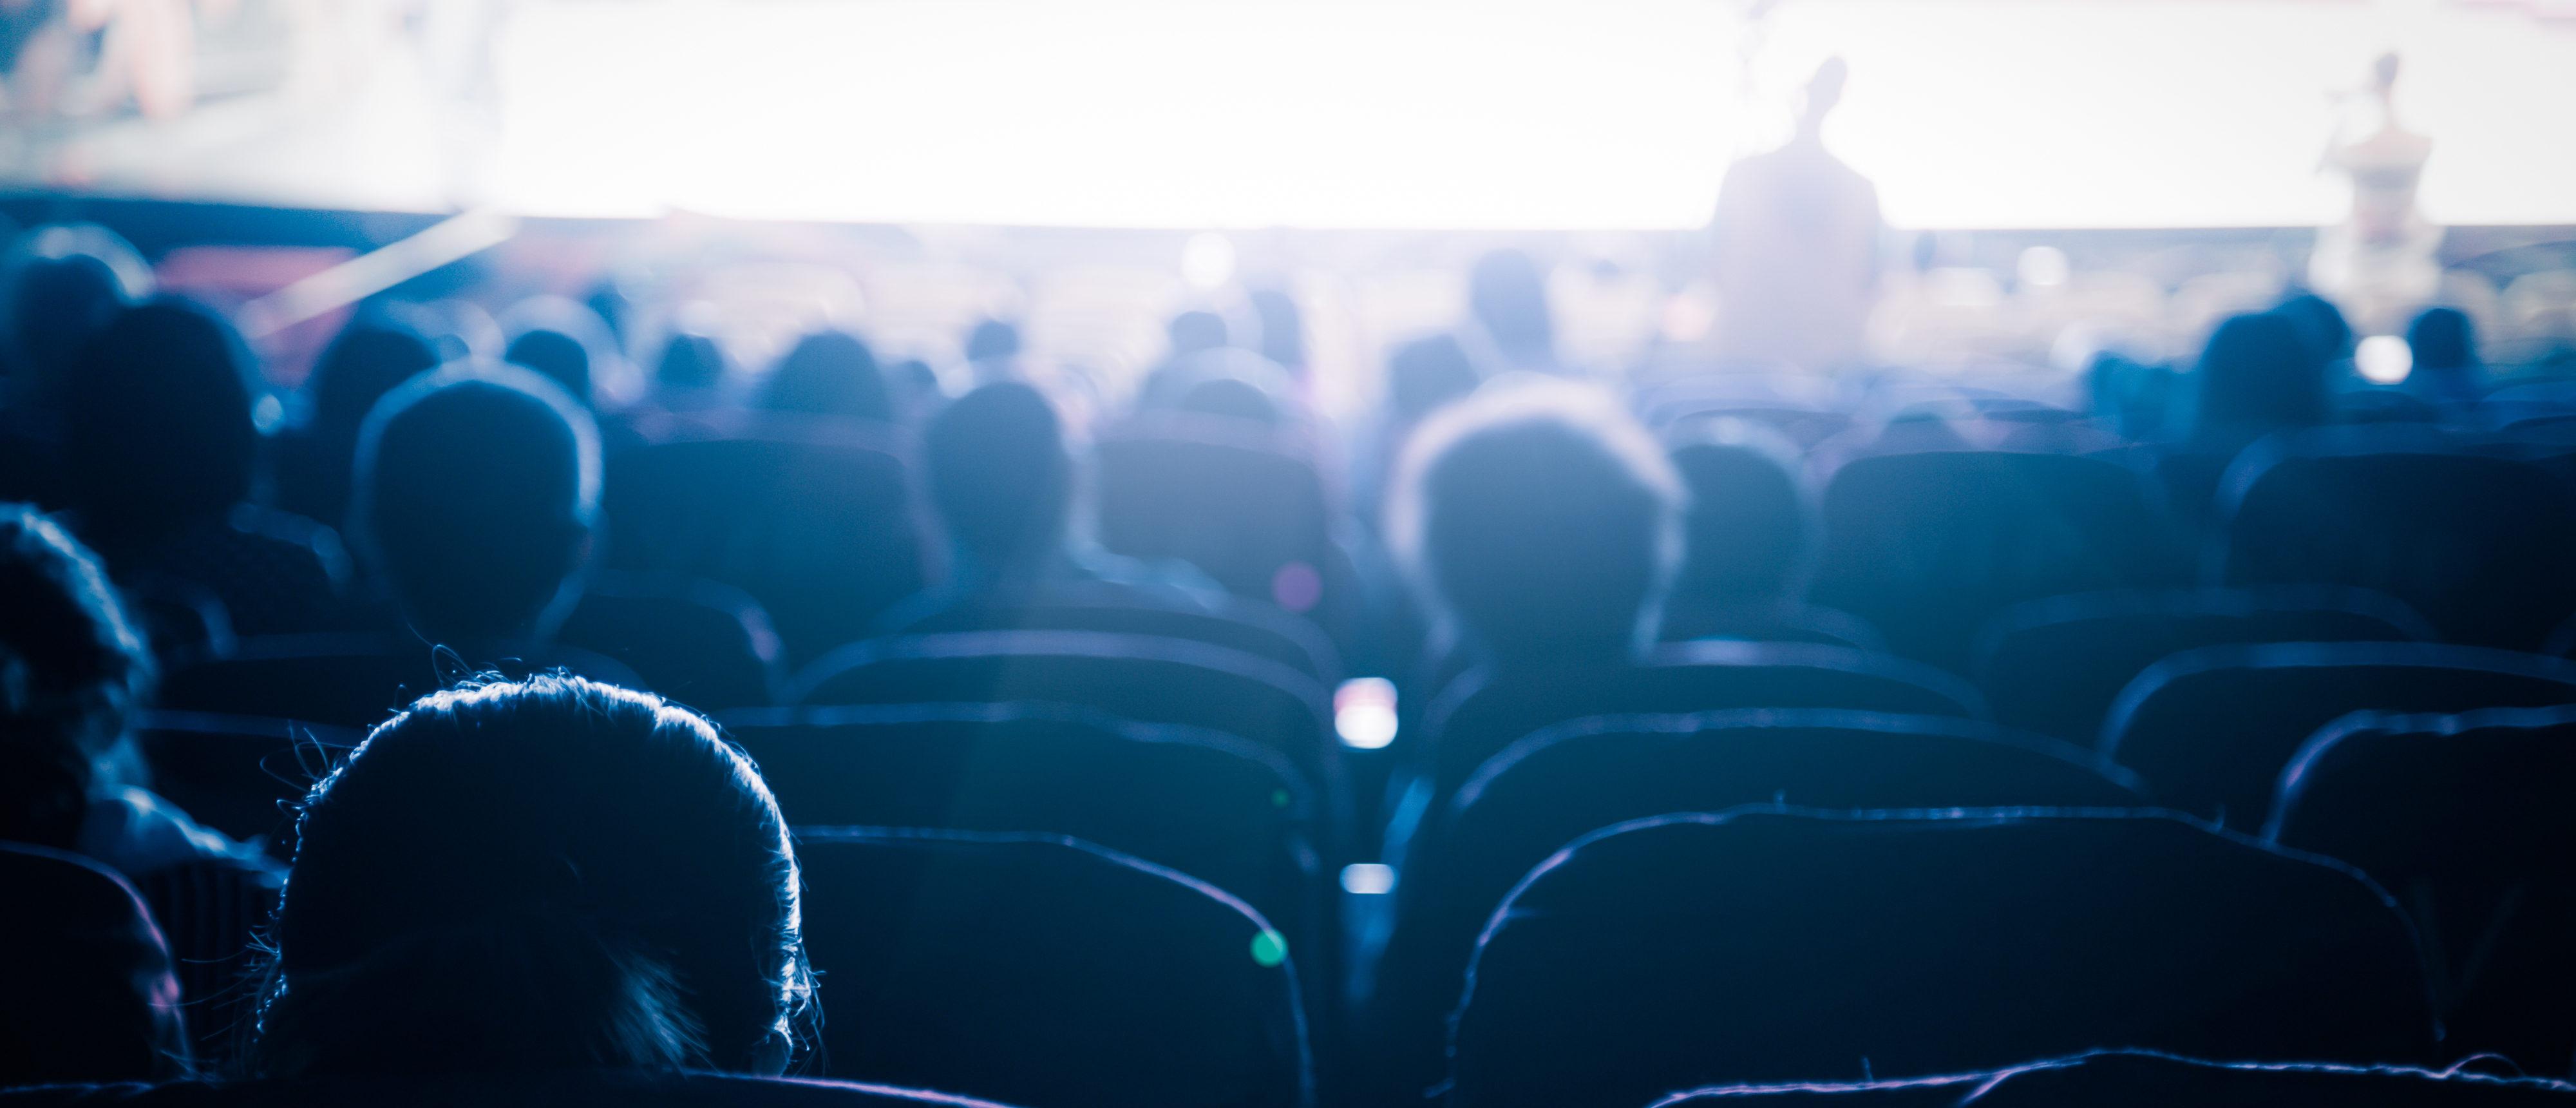 Movie theater Darkest Hour Shutterstock